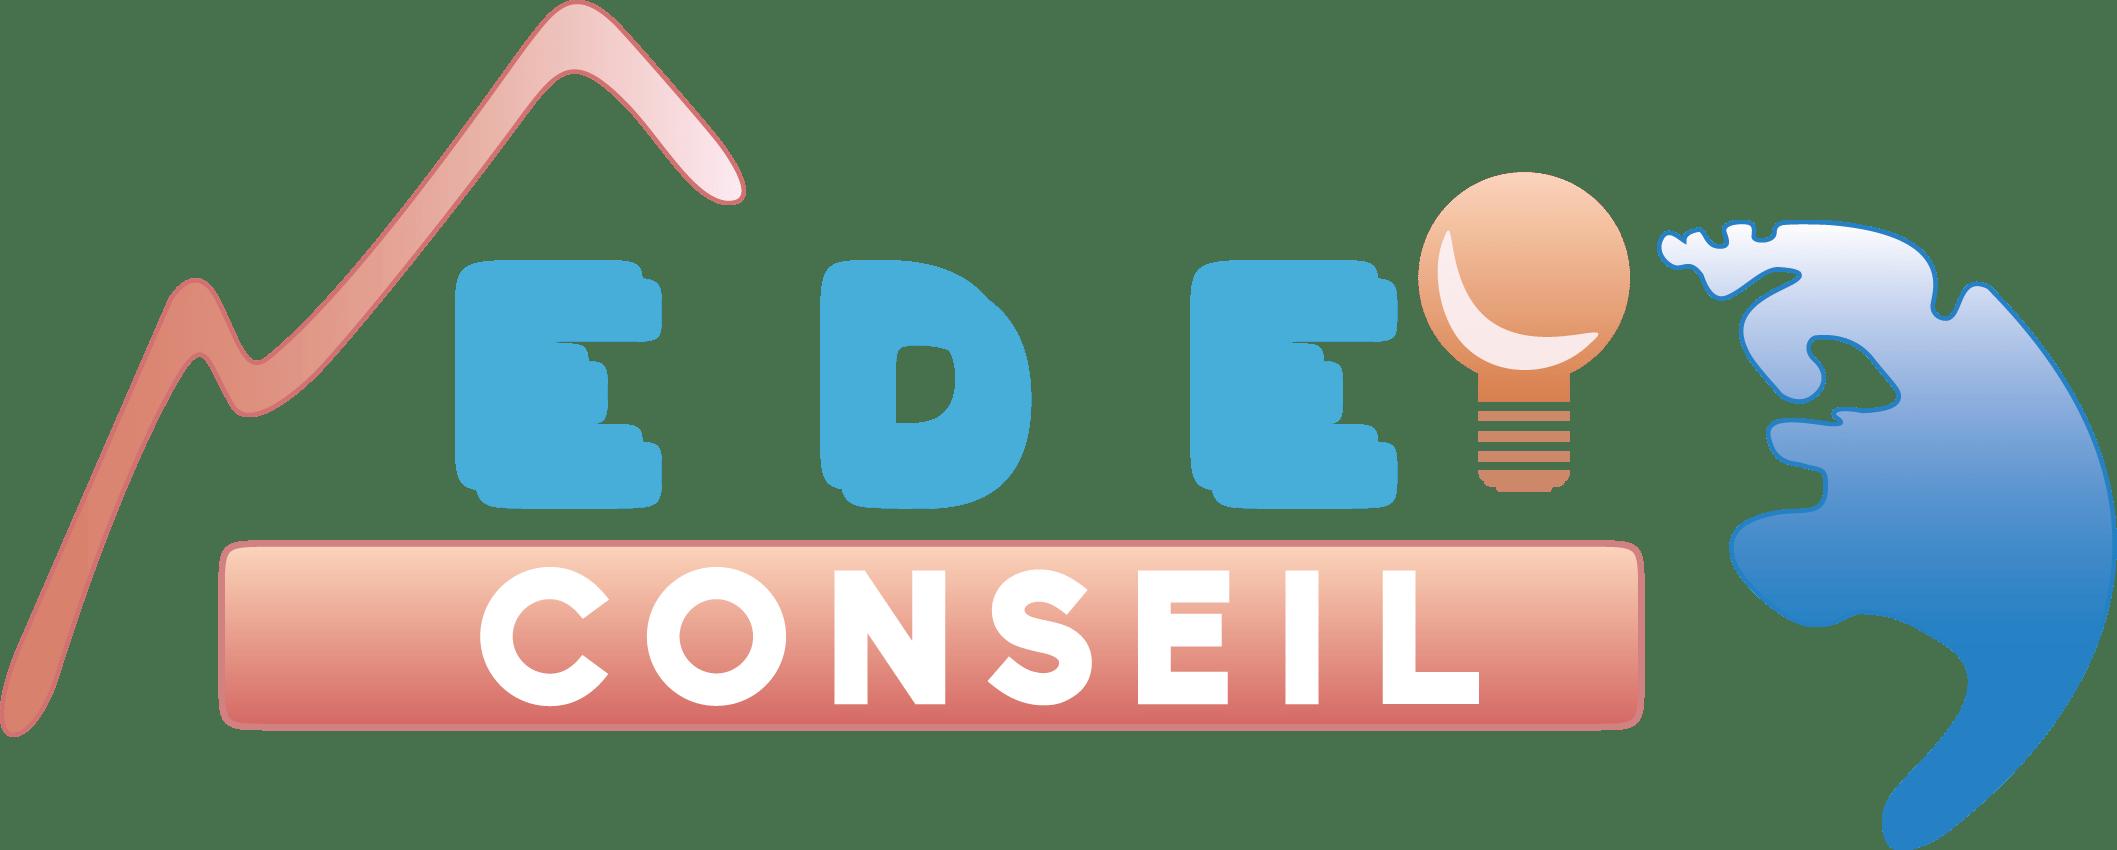 logo ede conseil